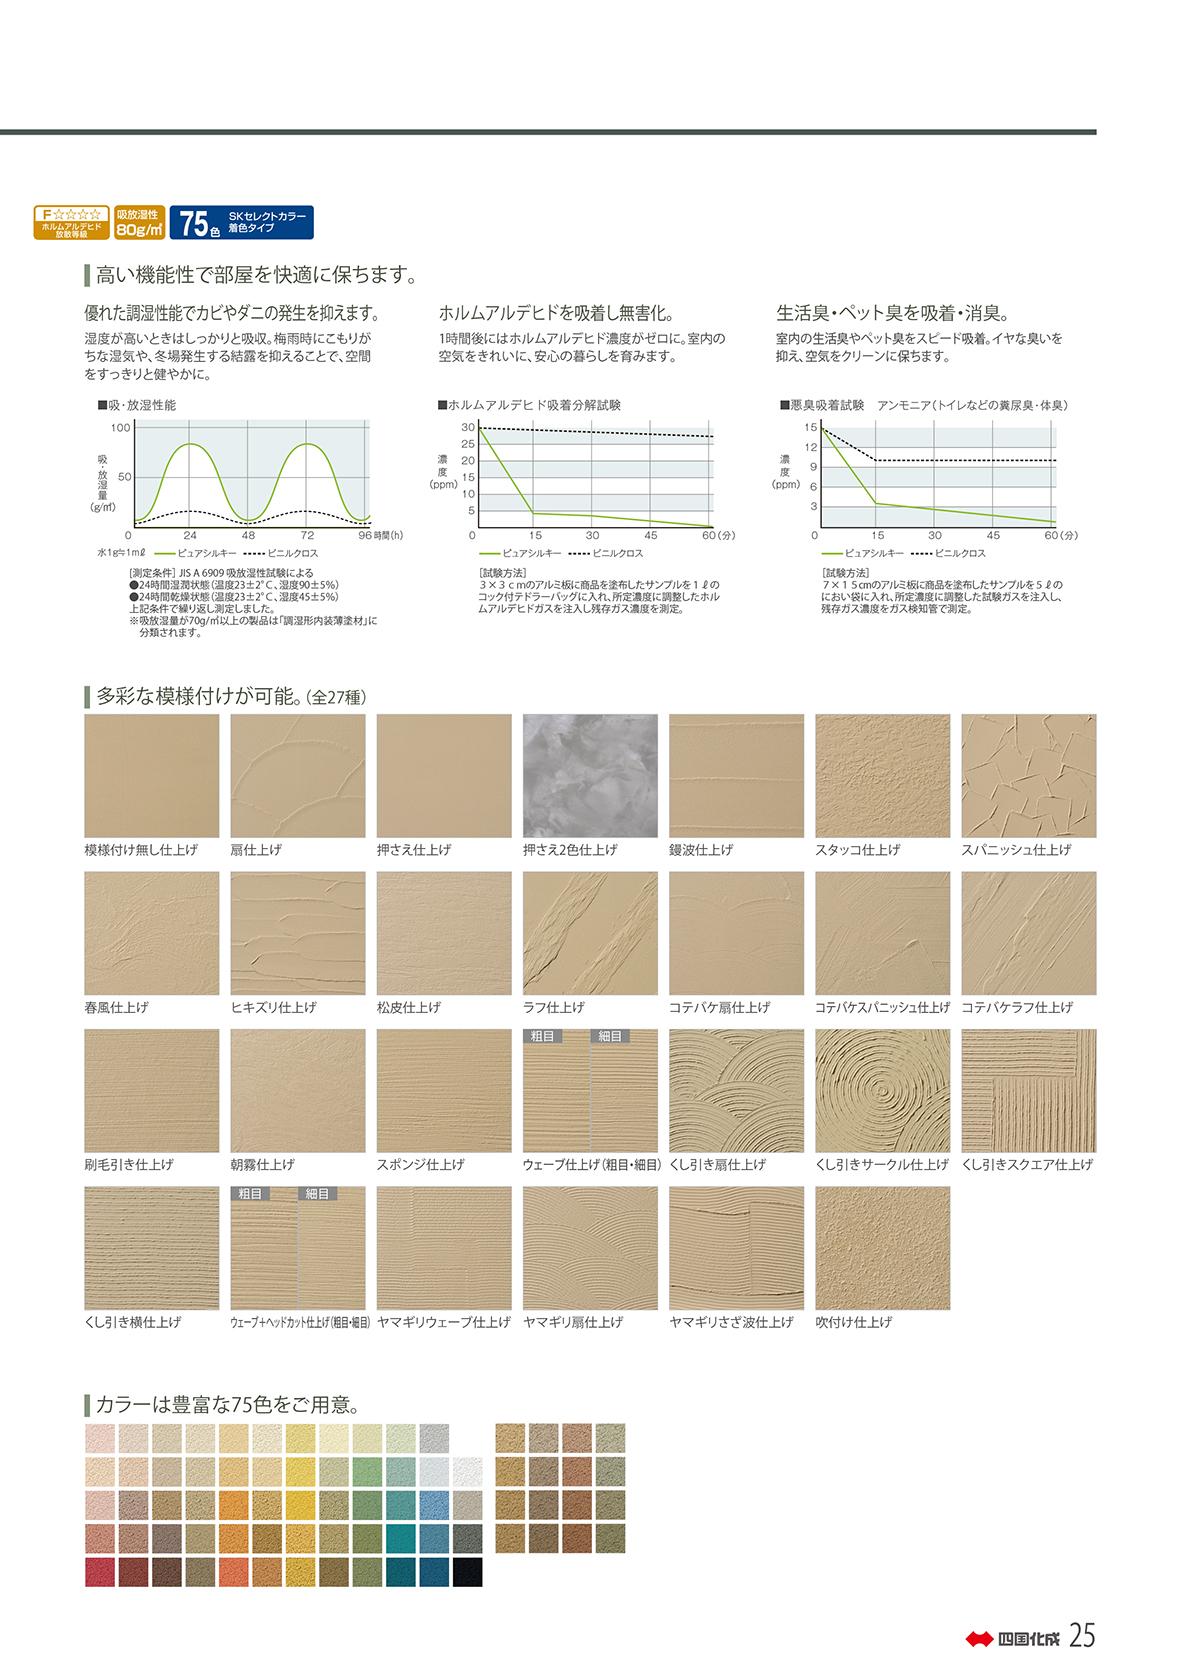 四国化成工業株式会社のスライドイメージ6枚目